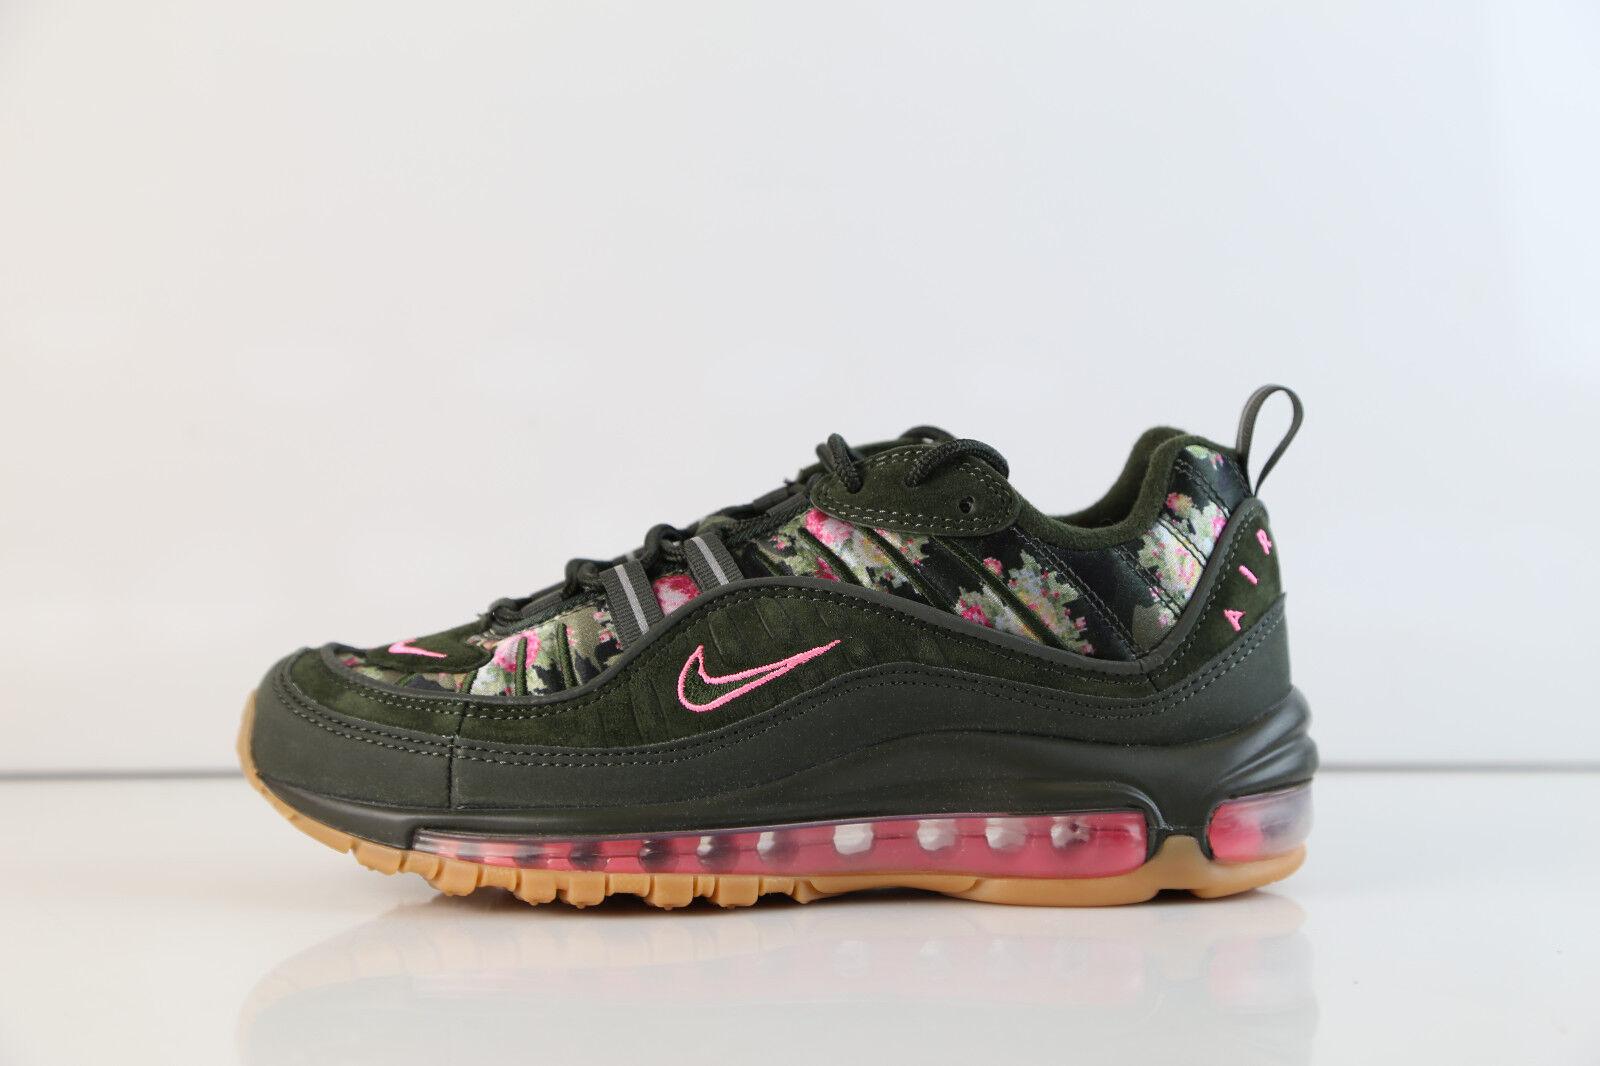 Nike Womens Air Max 98 Sequoia Floral AQ6468-300 6-12 green prm 1